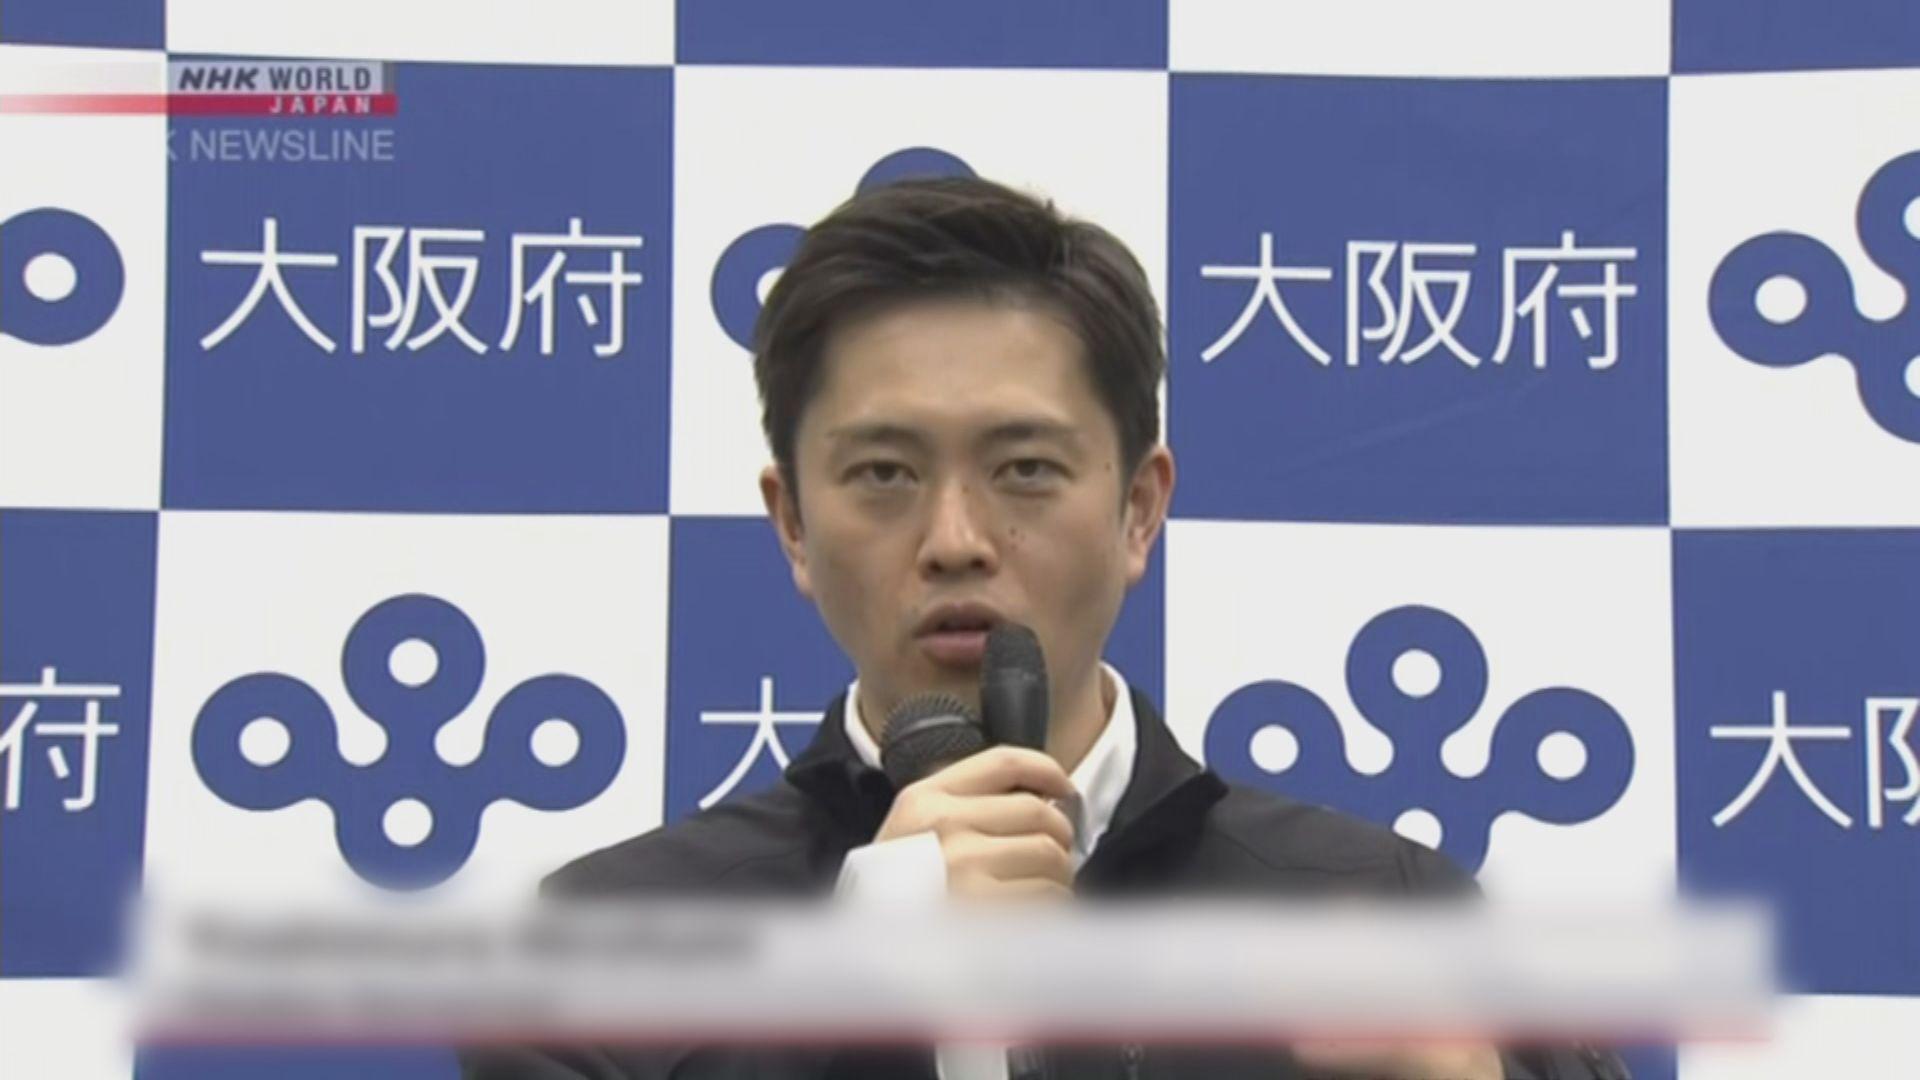 日本疫情持續 大阪福岡要求延長緊急事態宣言